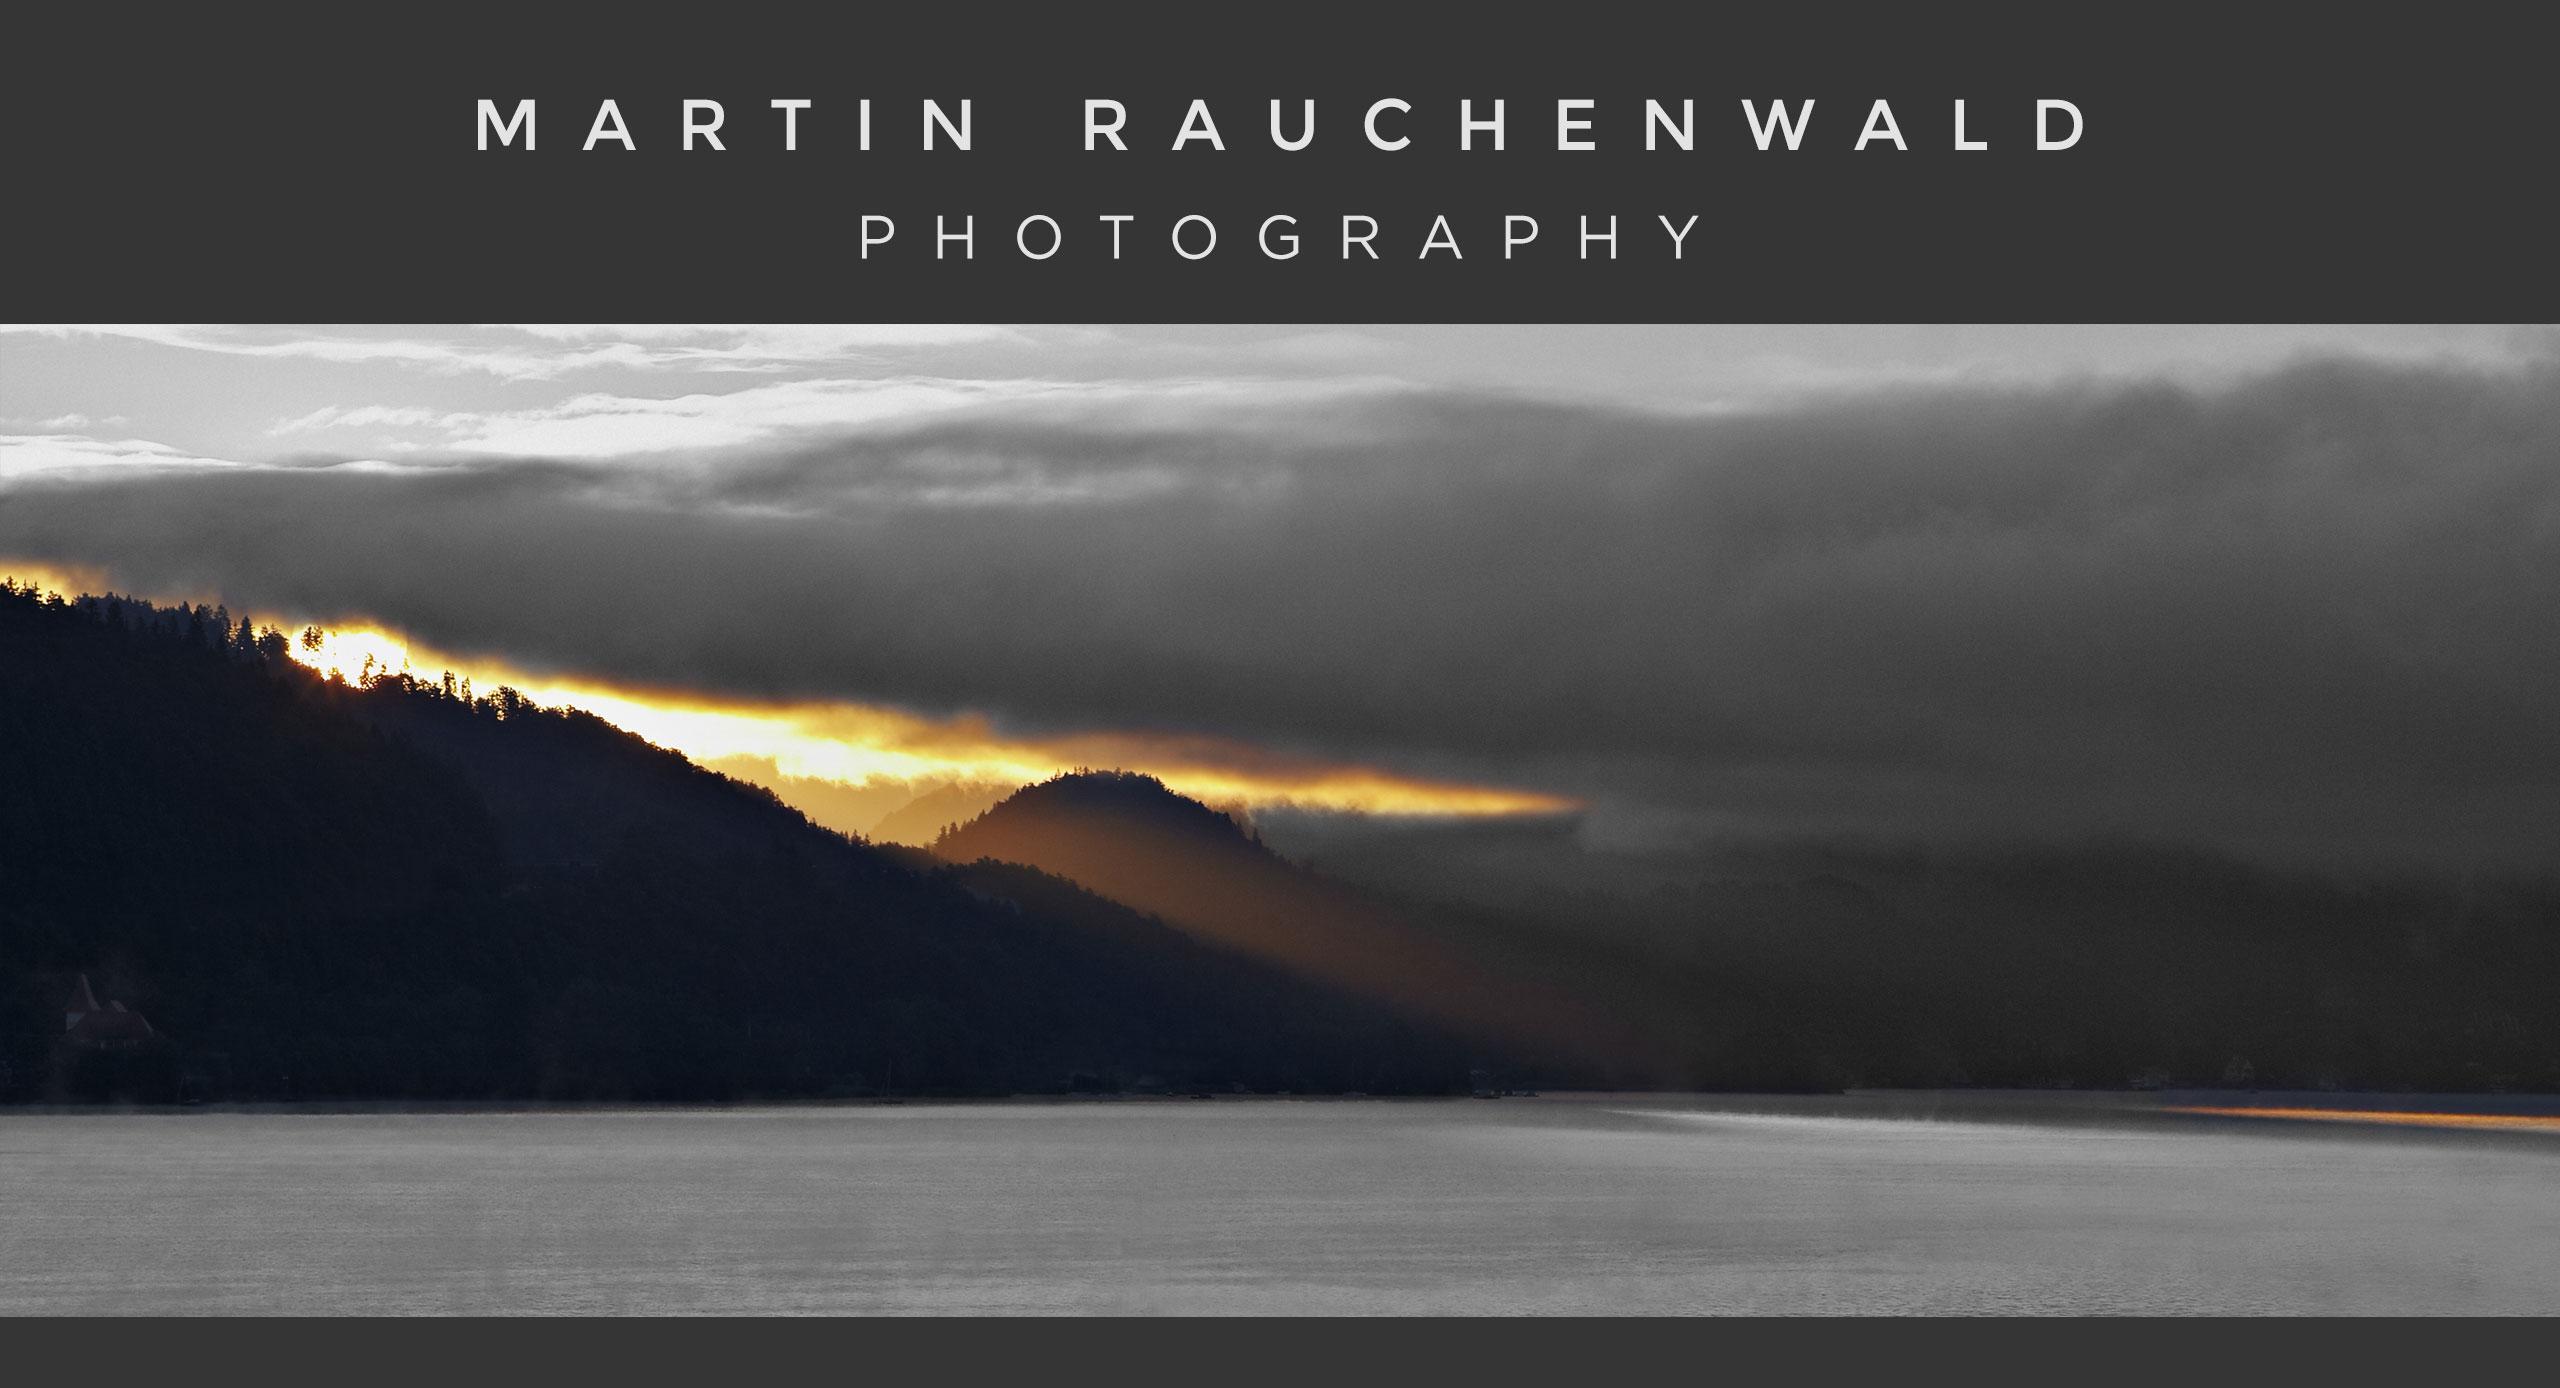 Martin Rauchenwald - Photographie